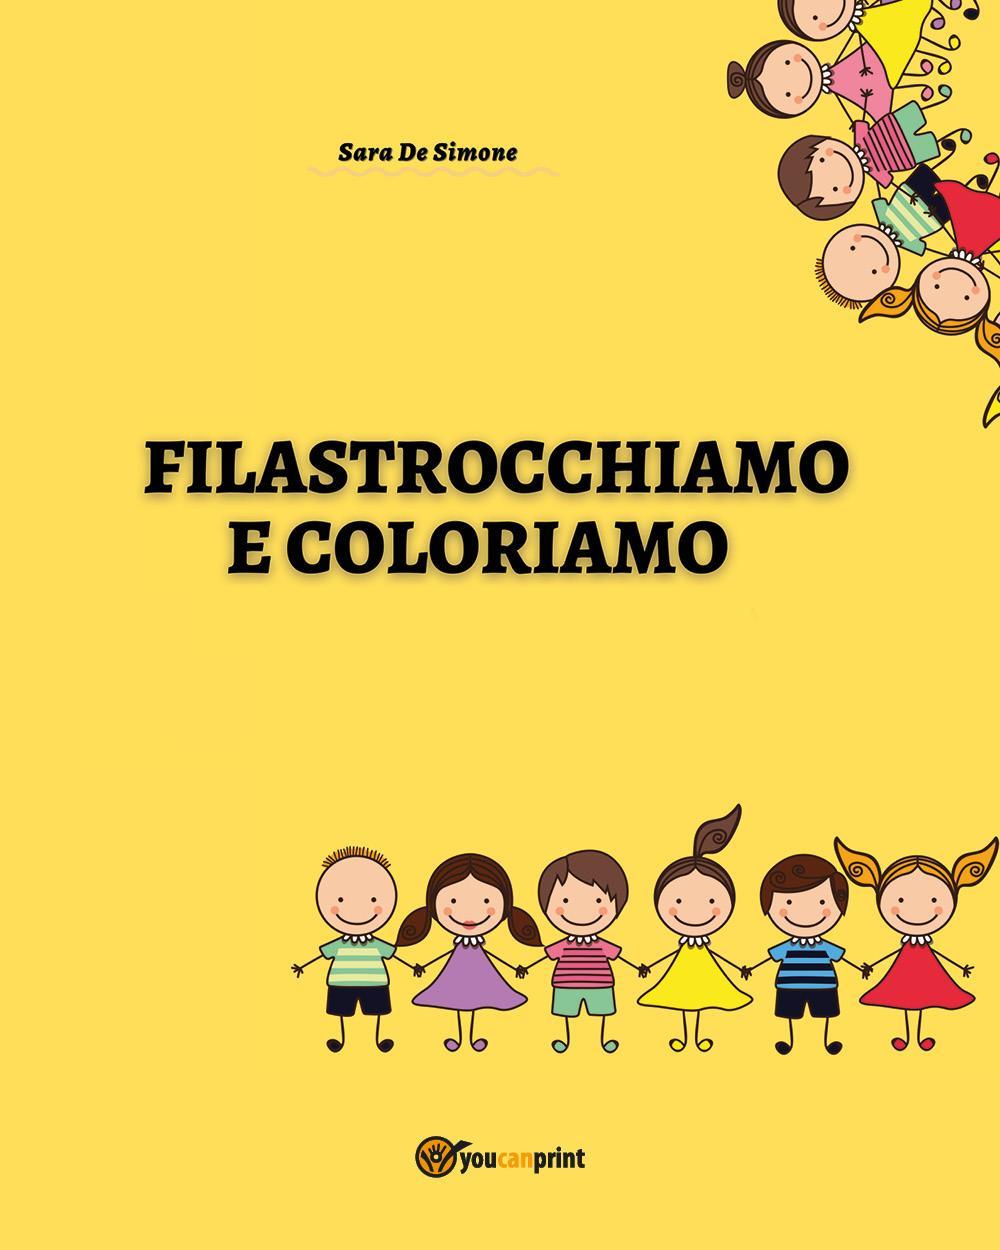 Filastrocchiamo e coloriamo